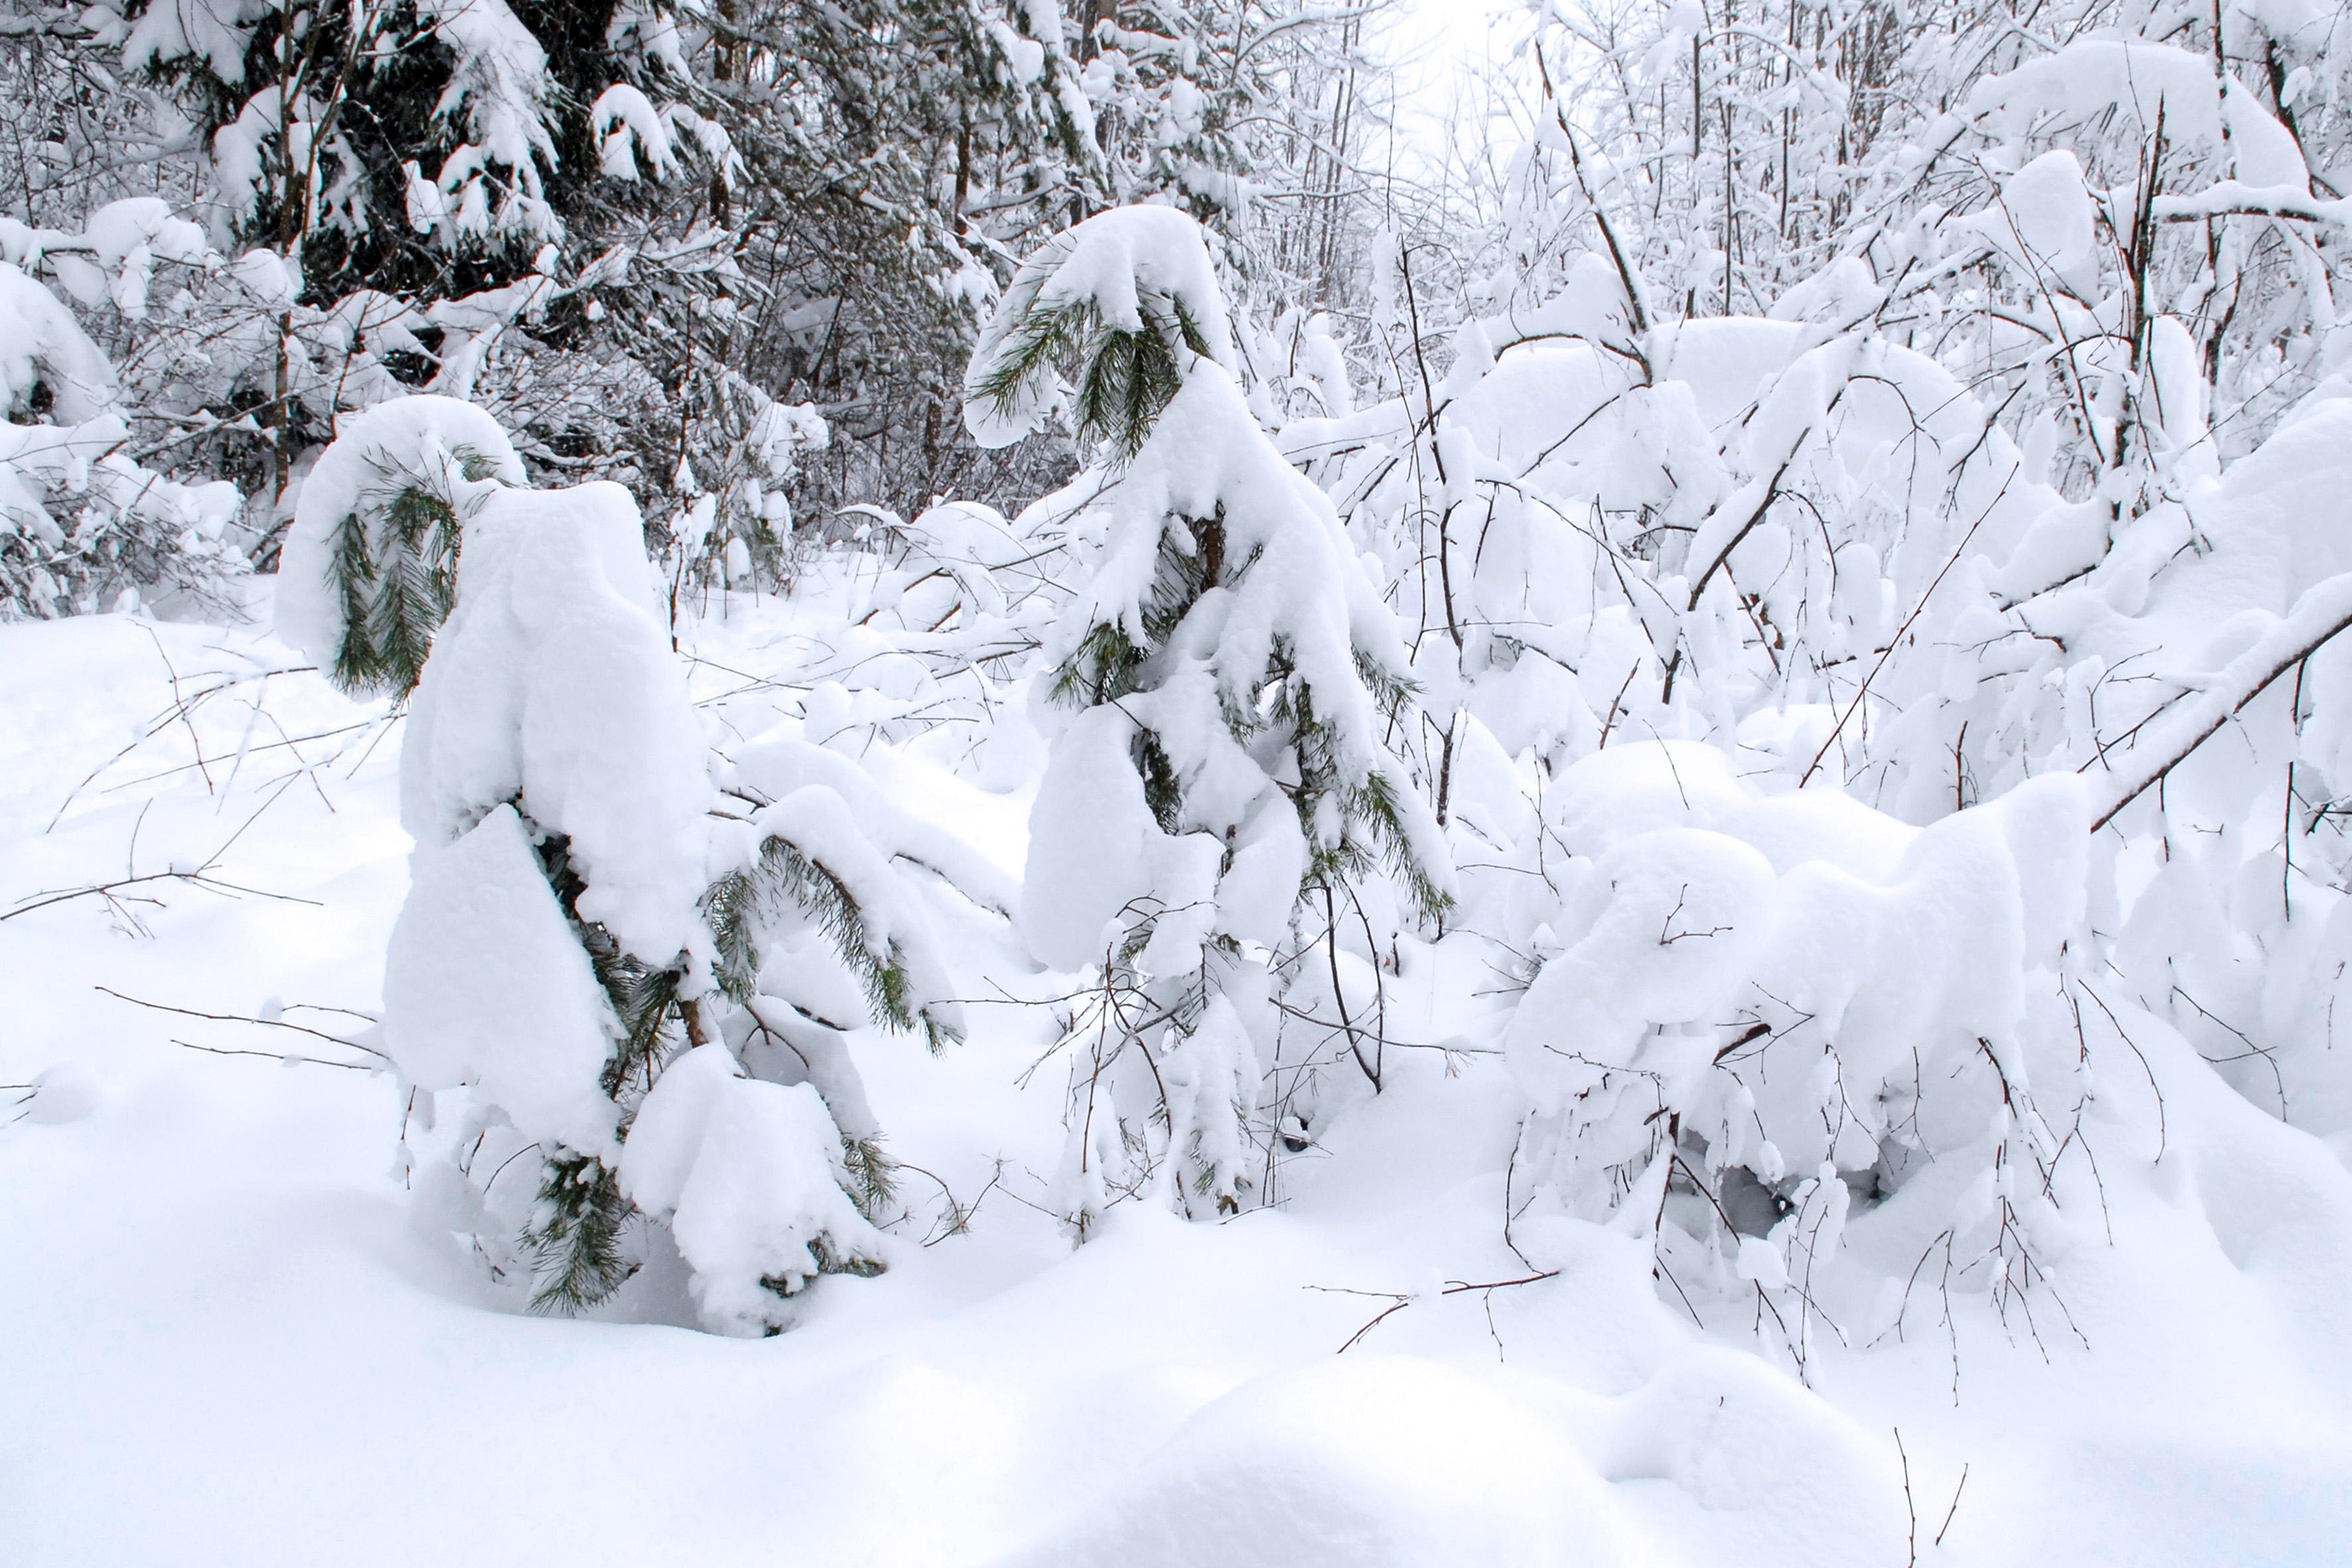 Sniegas ant spygliuočių